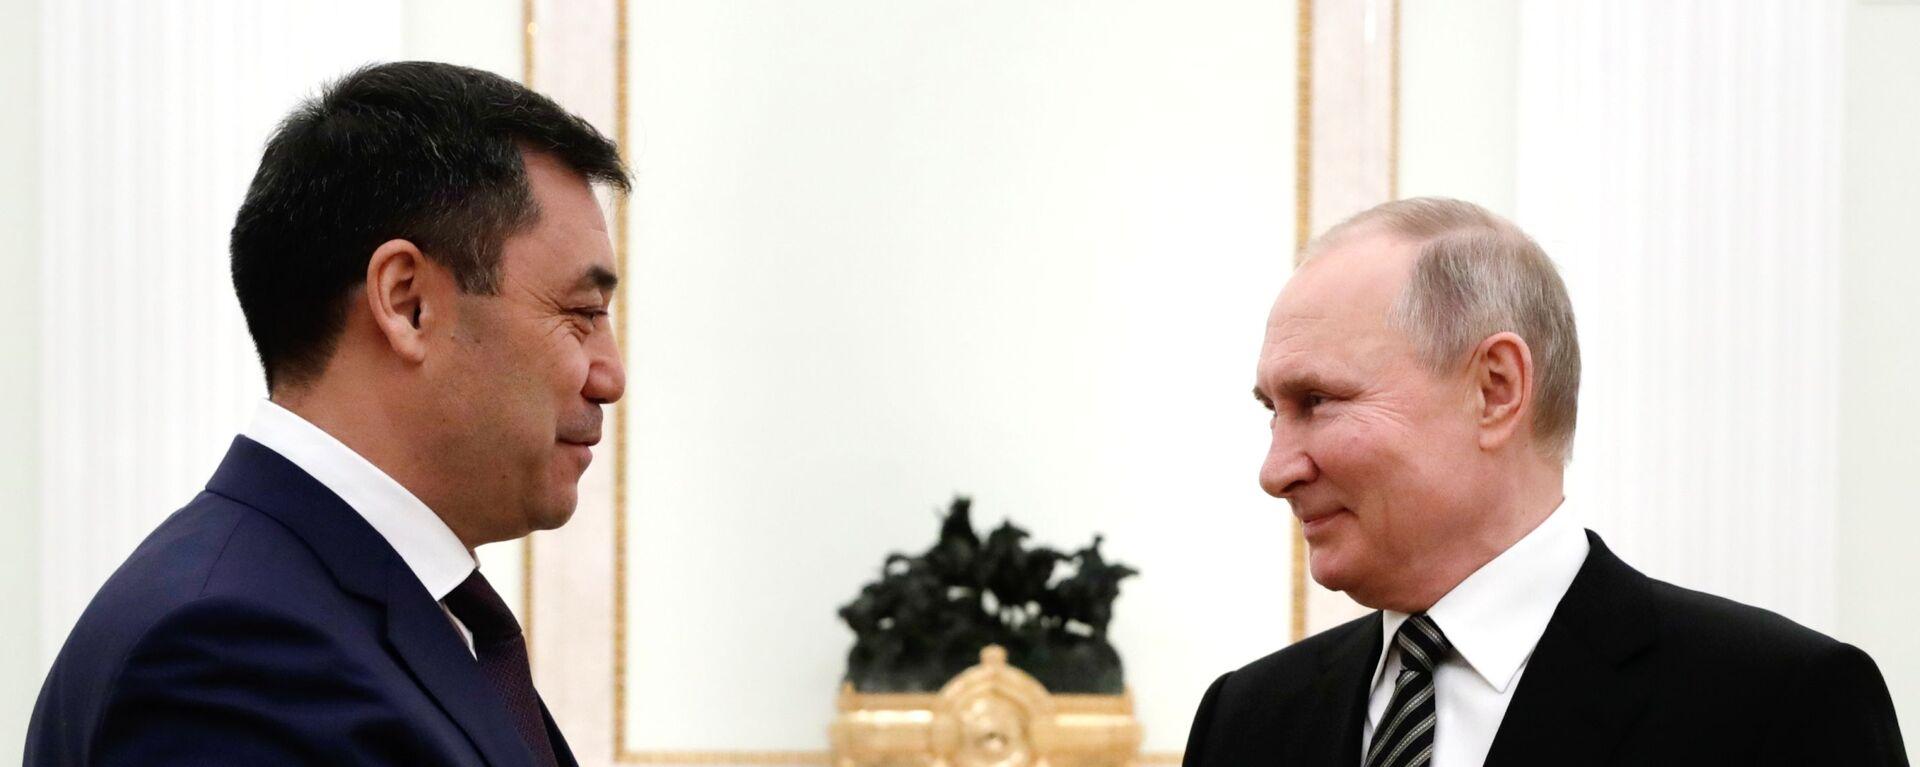 Президент РФ В. Путин провел переговоры с президентом Киргизии С. Жапаровым - Sputnik Таджикистан, 1920, 25.02.2021